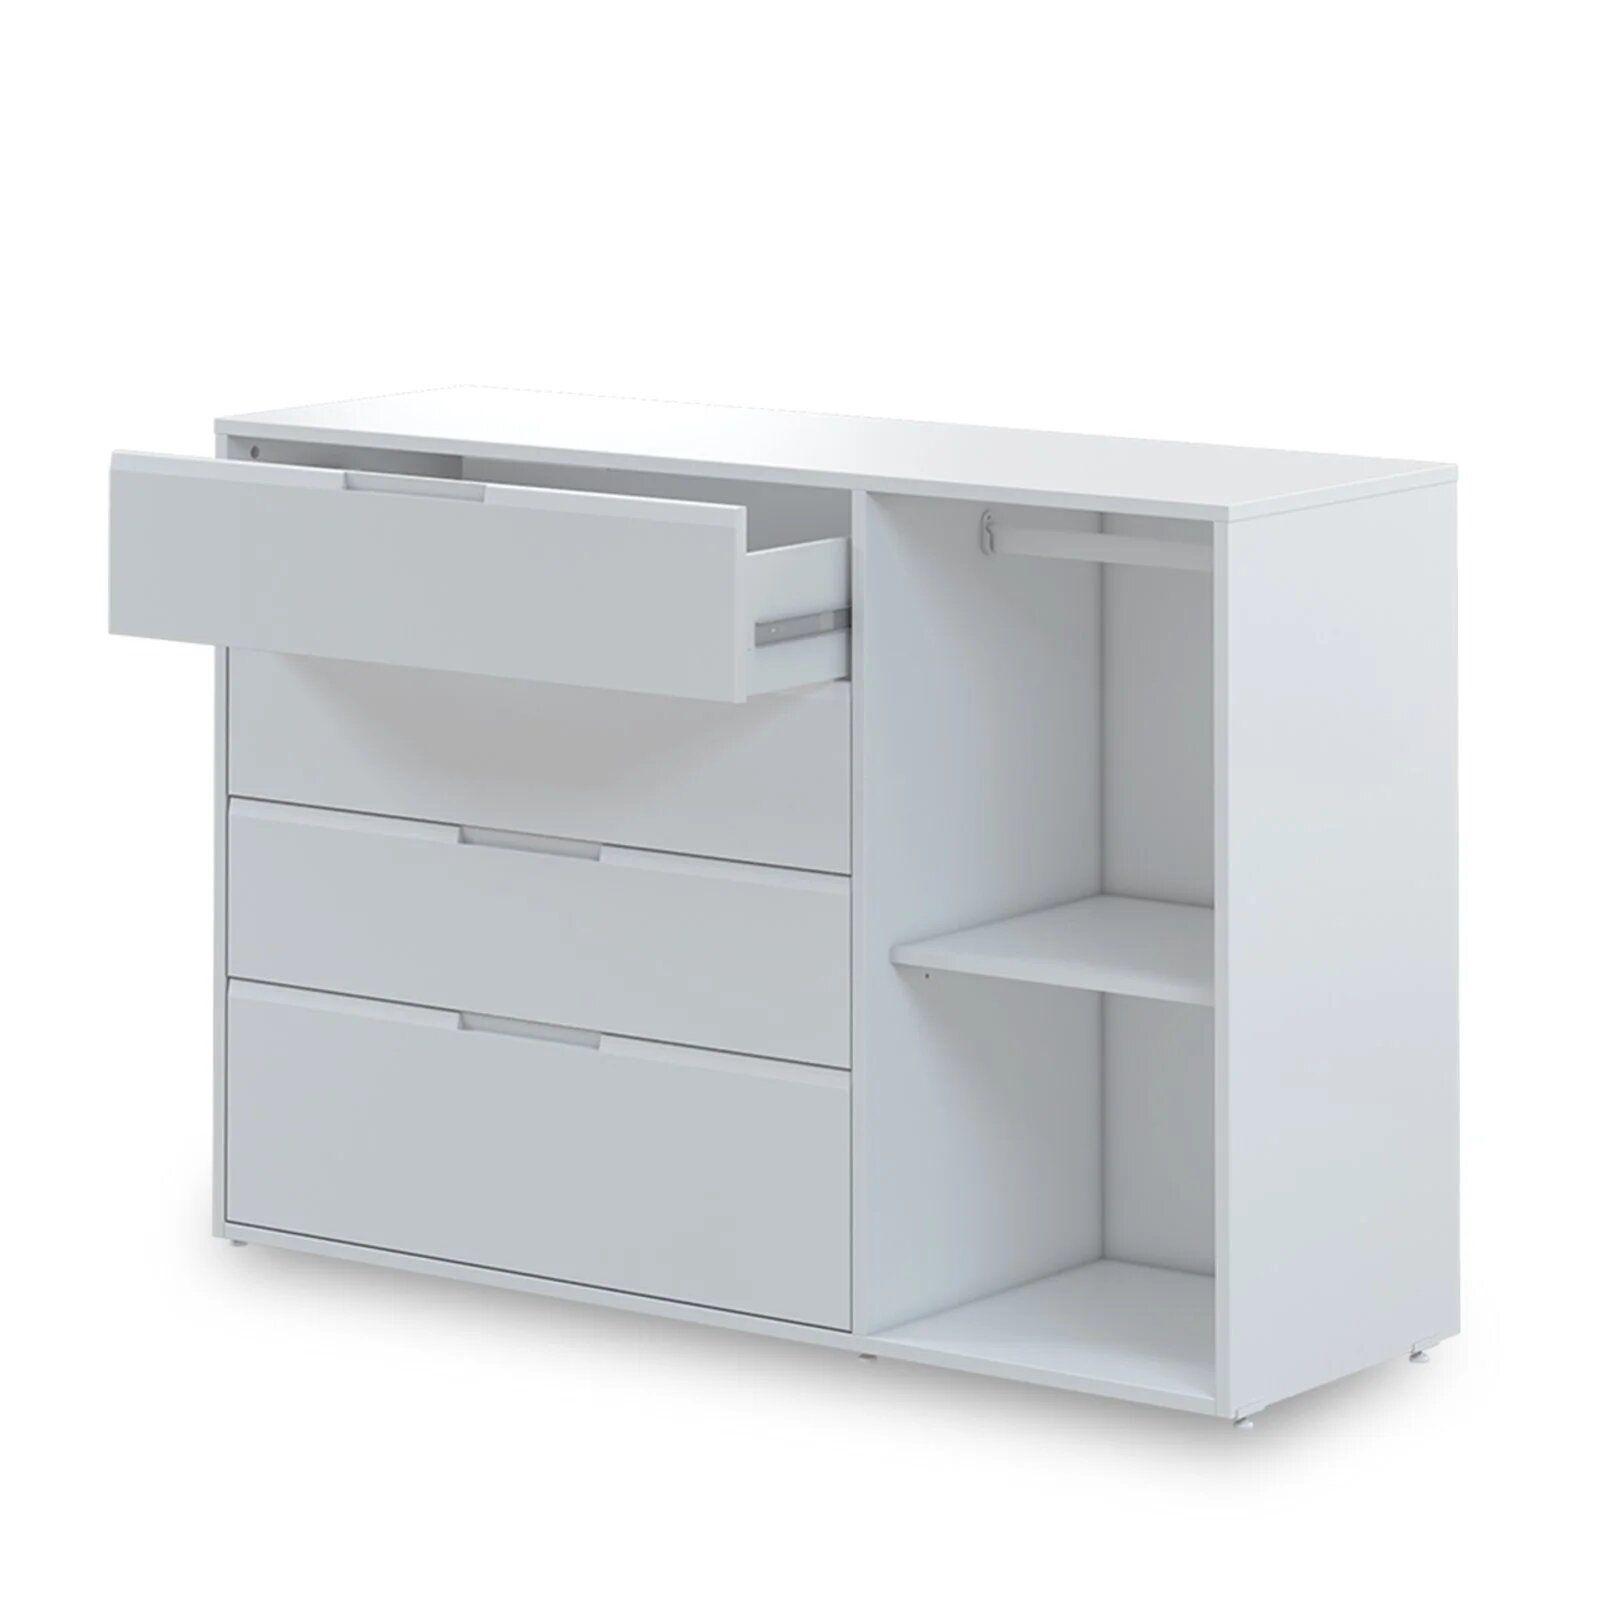 Cômoda Infantil 4 gavetas e 1 porta - coleção Soft